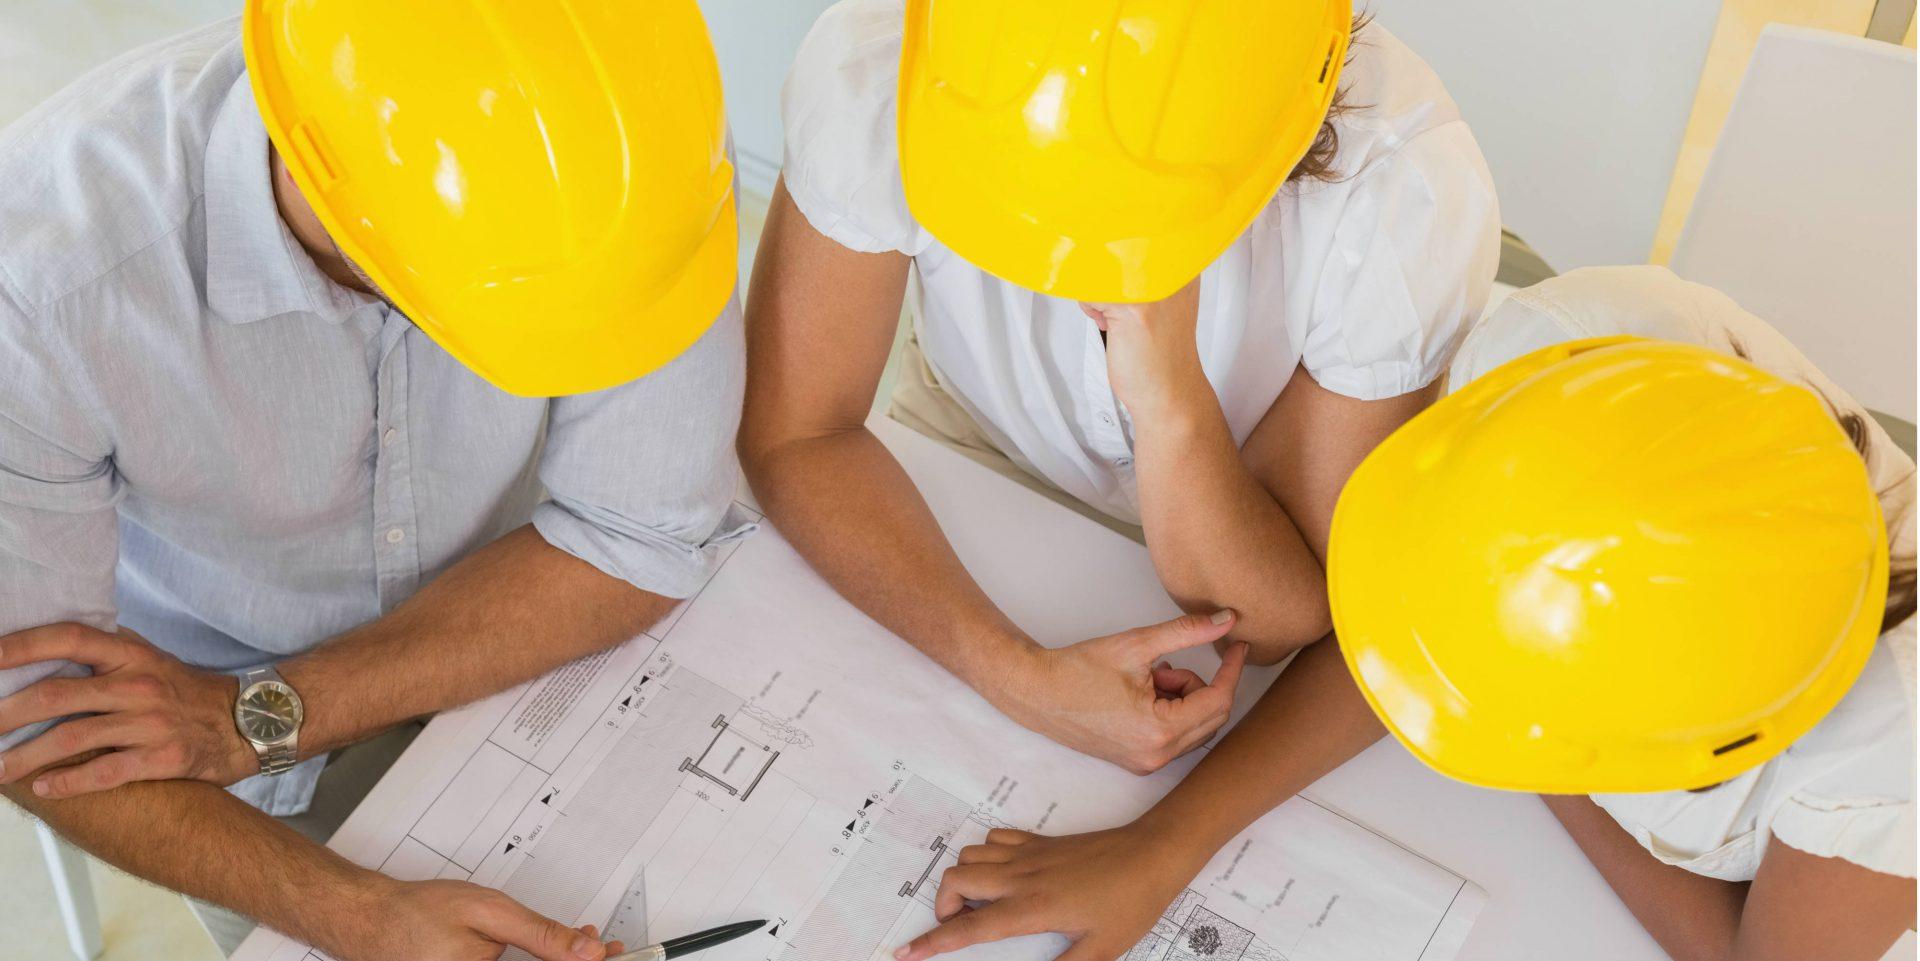 ביטוח אחריות מקצועית להנדסאים